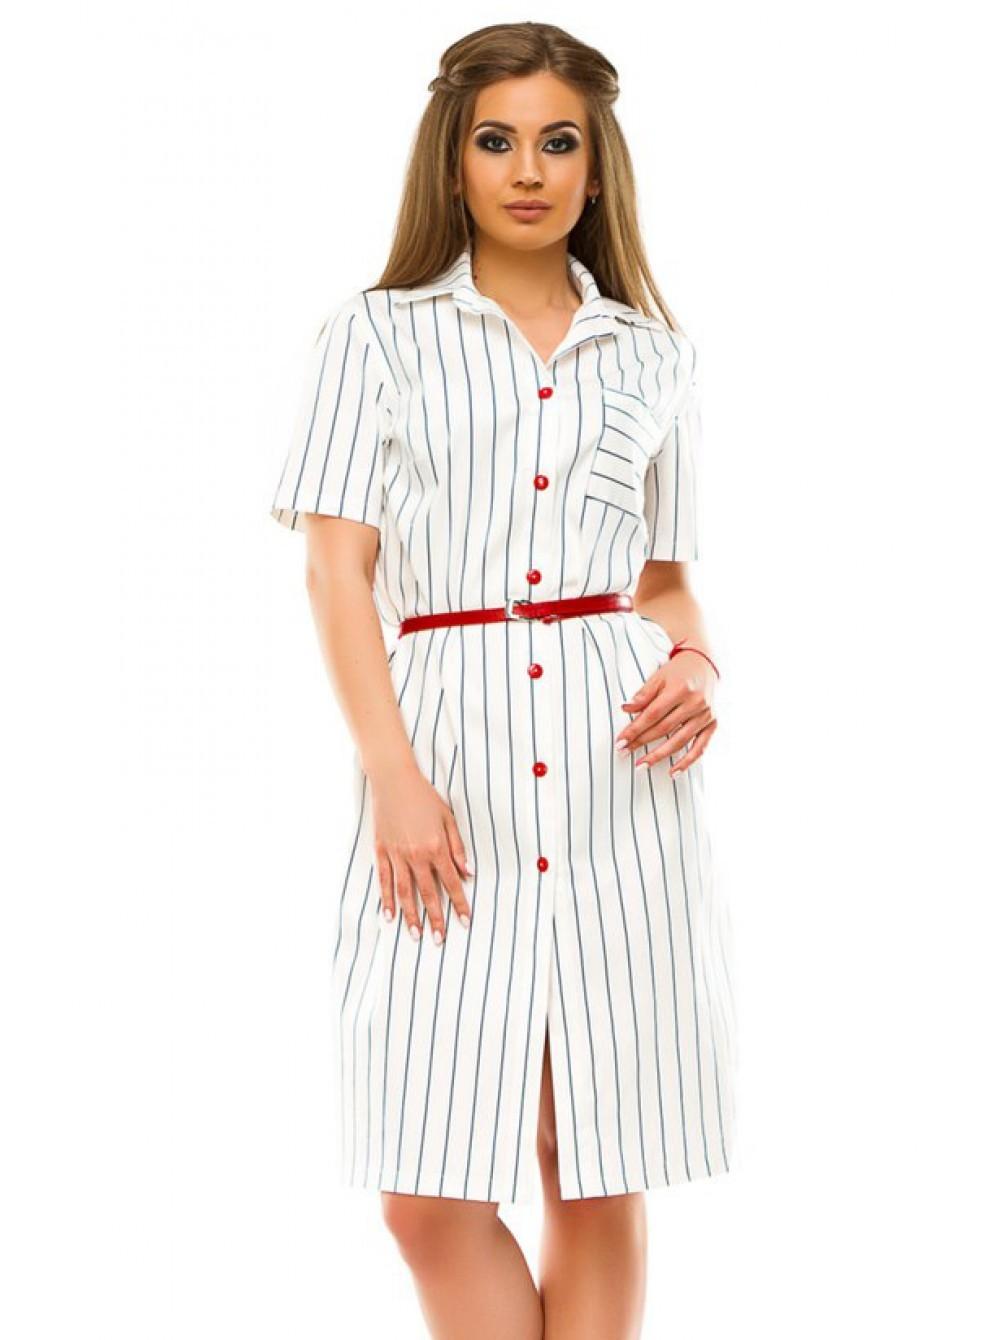 платье-рубашка белого цвета с красным ремнем